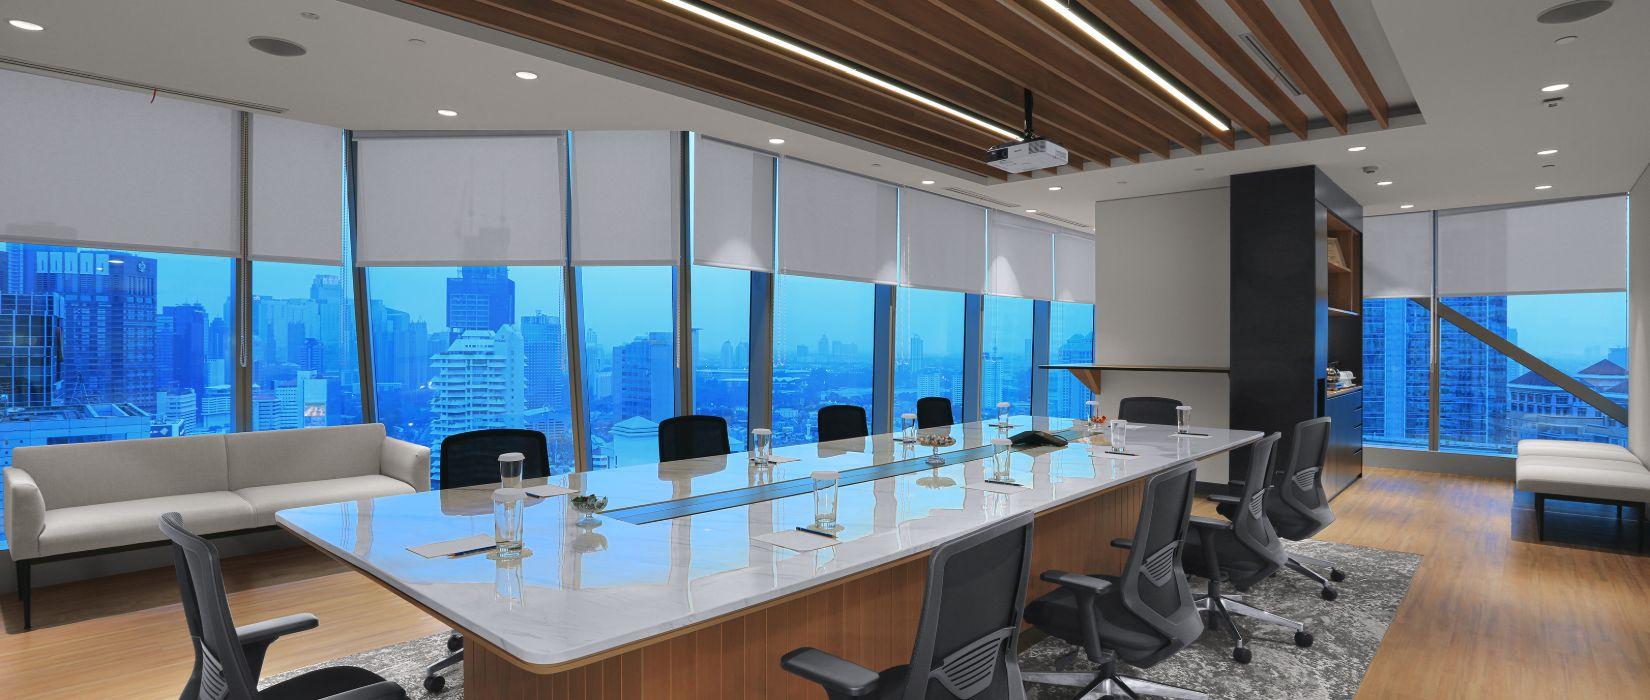 15. Boardroom_1